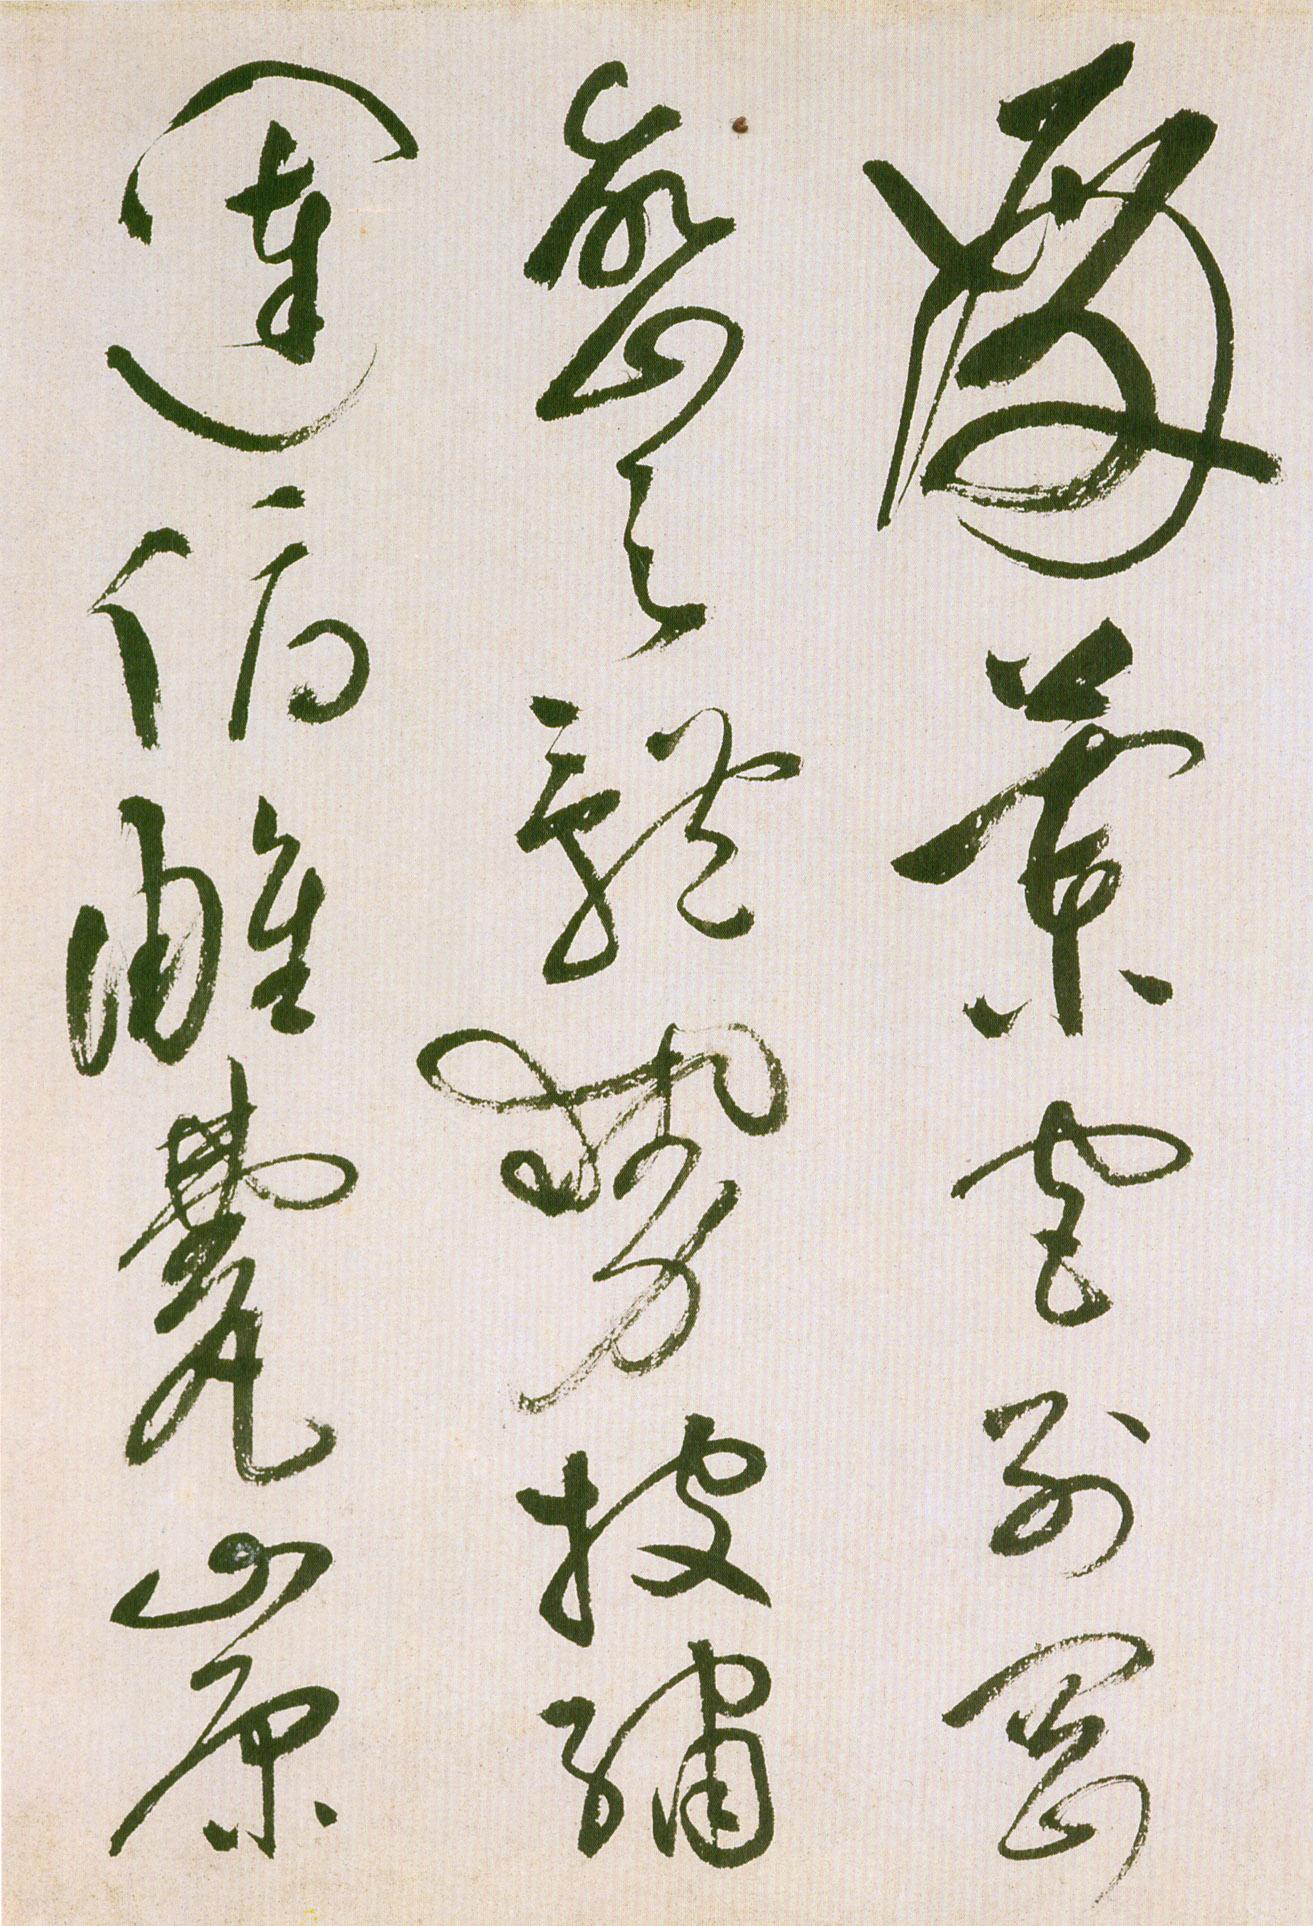 祝允明草书《滕王阁序并诗》(上) - 香儿 - xianger